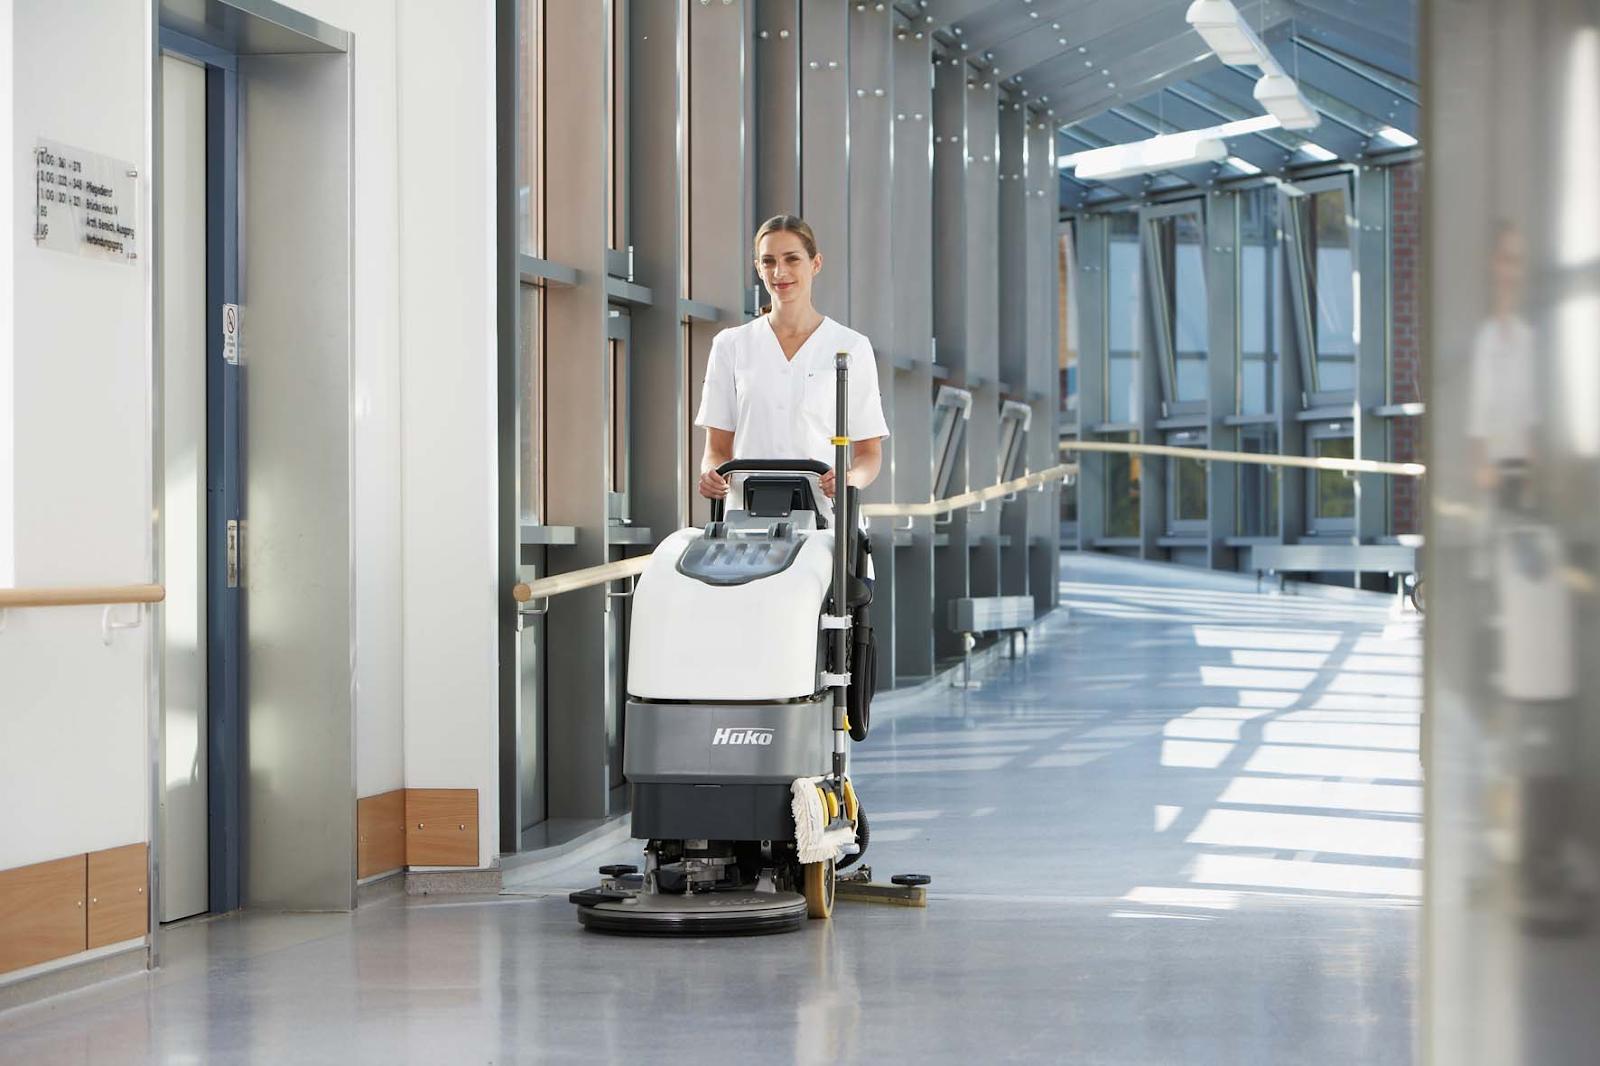 Tổng vệ sinh toàn bộ tòa nhà với hệ thống máy móc hiện đại nhất